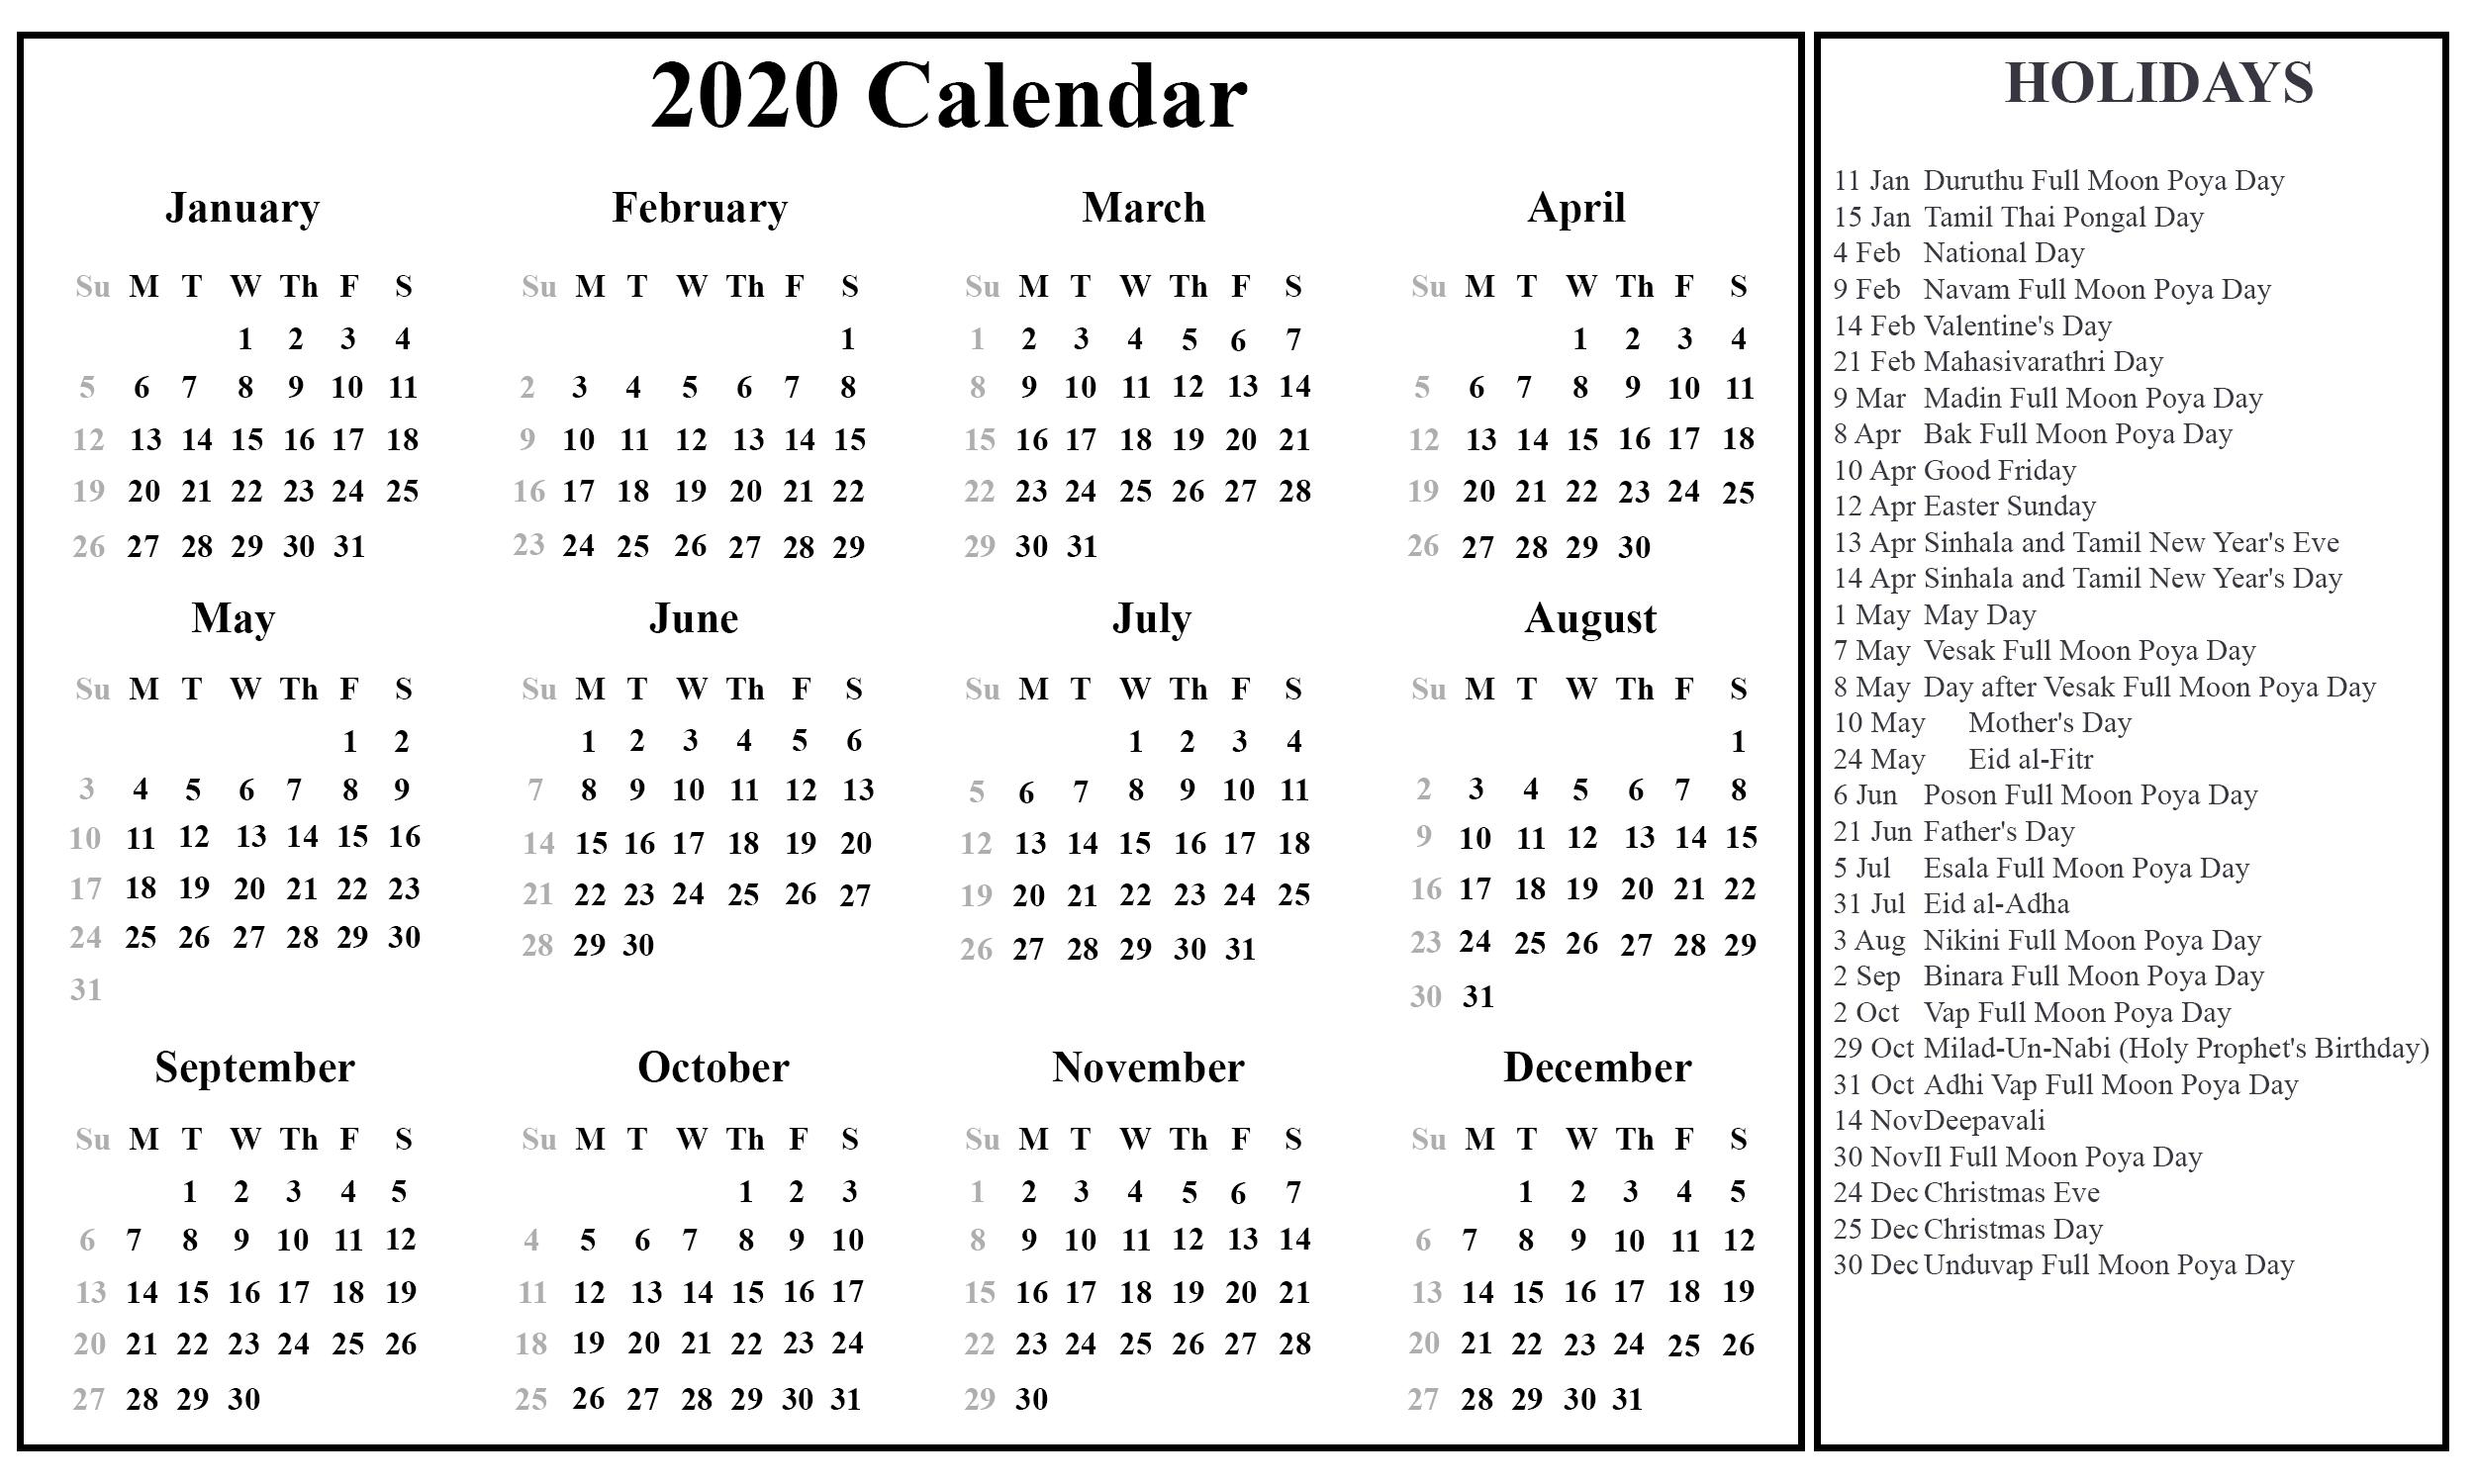 Printable Calendar 2020 With Sri Lanka Holidays | Printable-2021 Calender With Mercantile Holidays